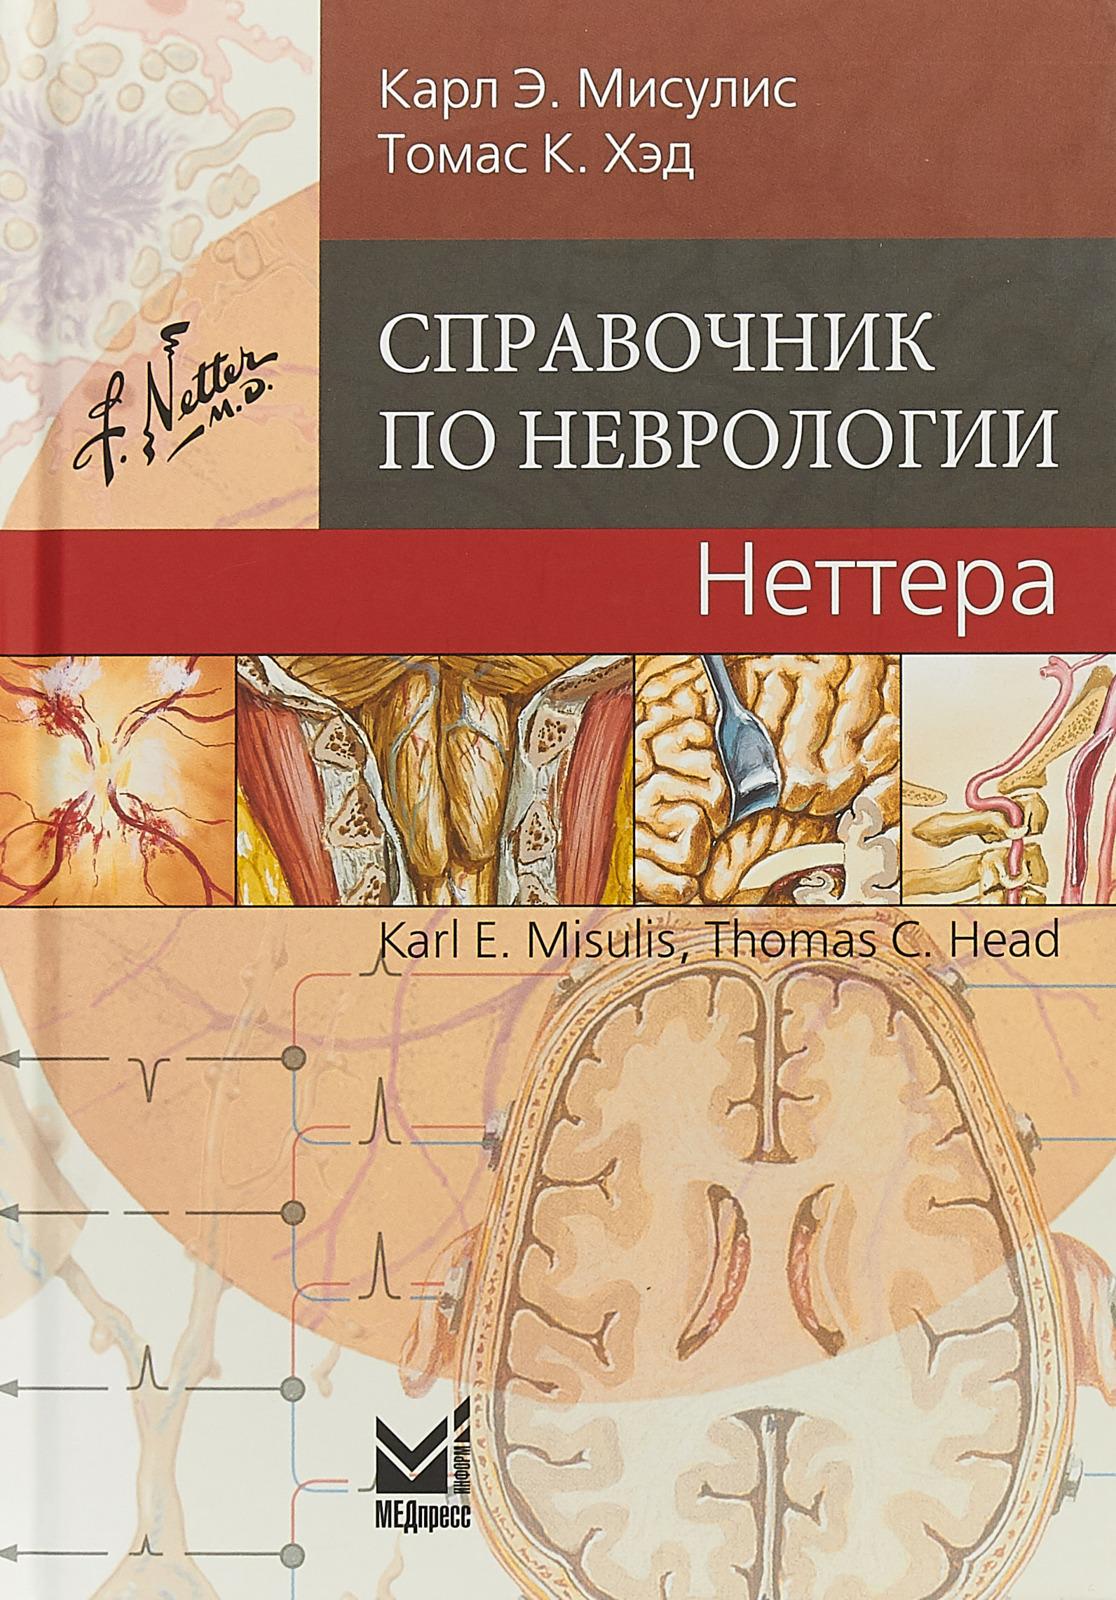 Карл Э. Мисулис, Томас К. Хэд Справочник по неврологии Неттера